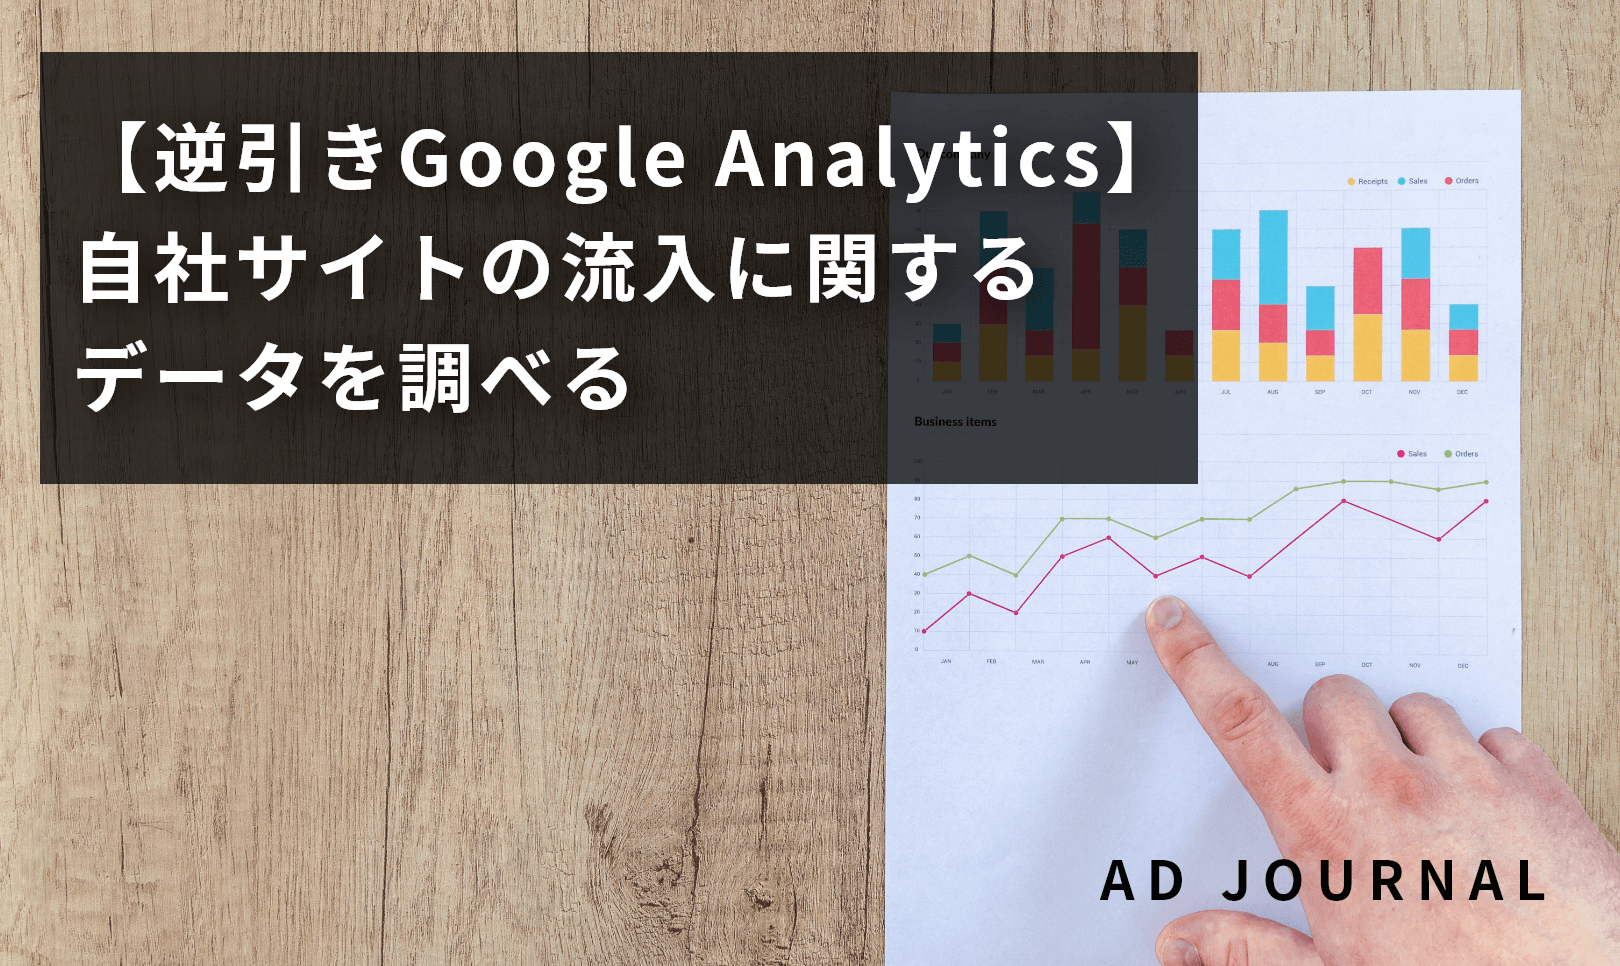 【逆引きGoogle Analytics】自社サイトの流入に関するデータを調べる